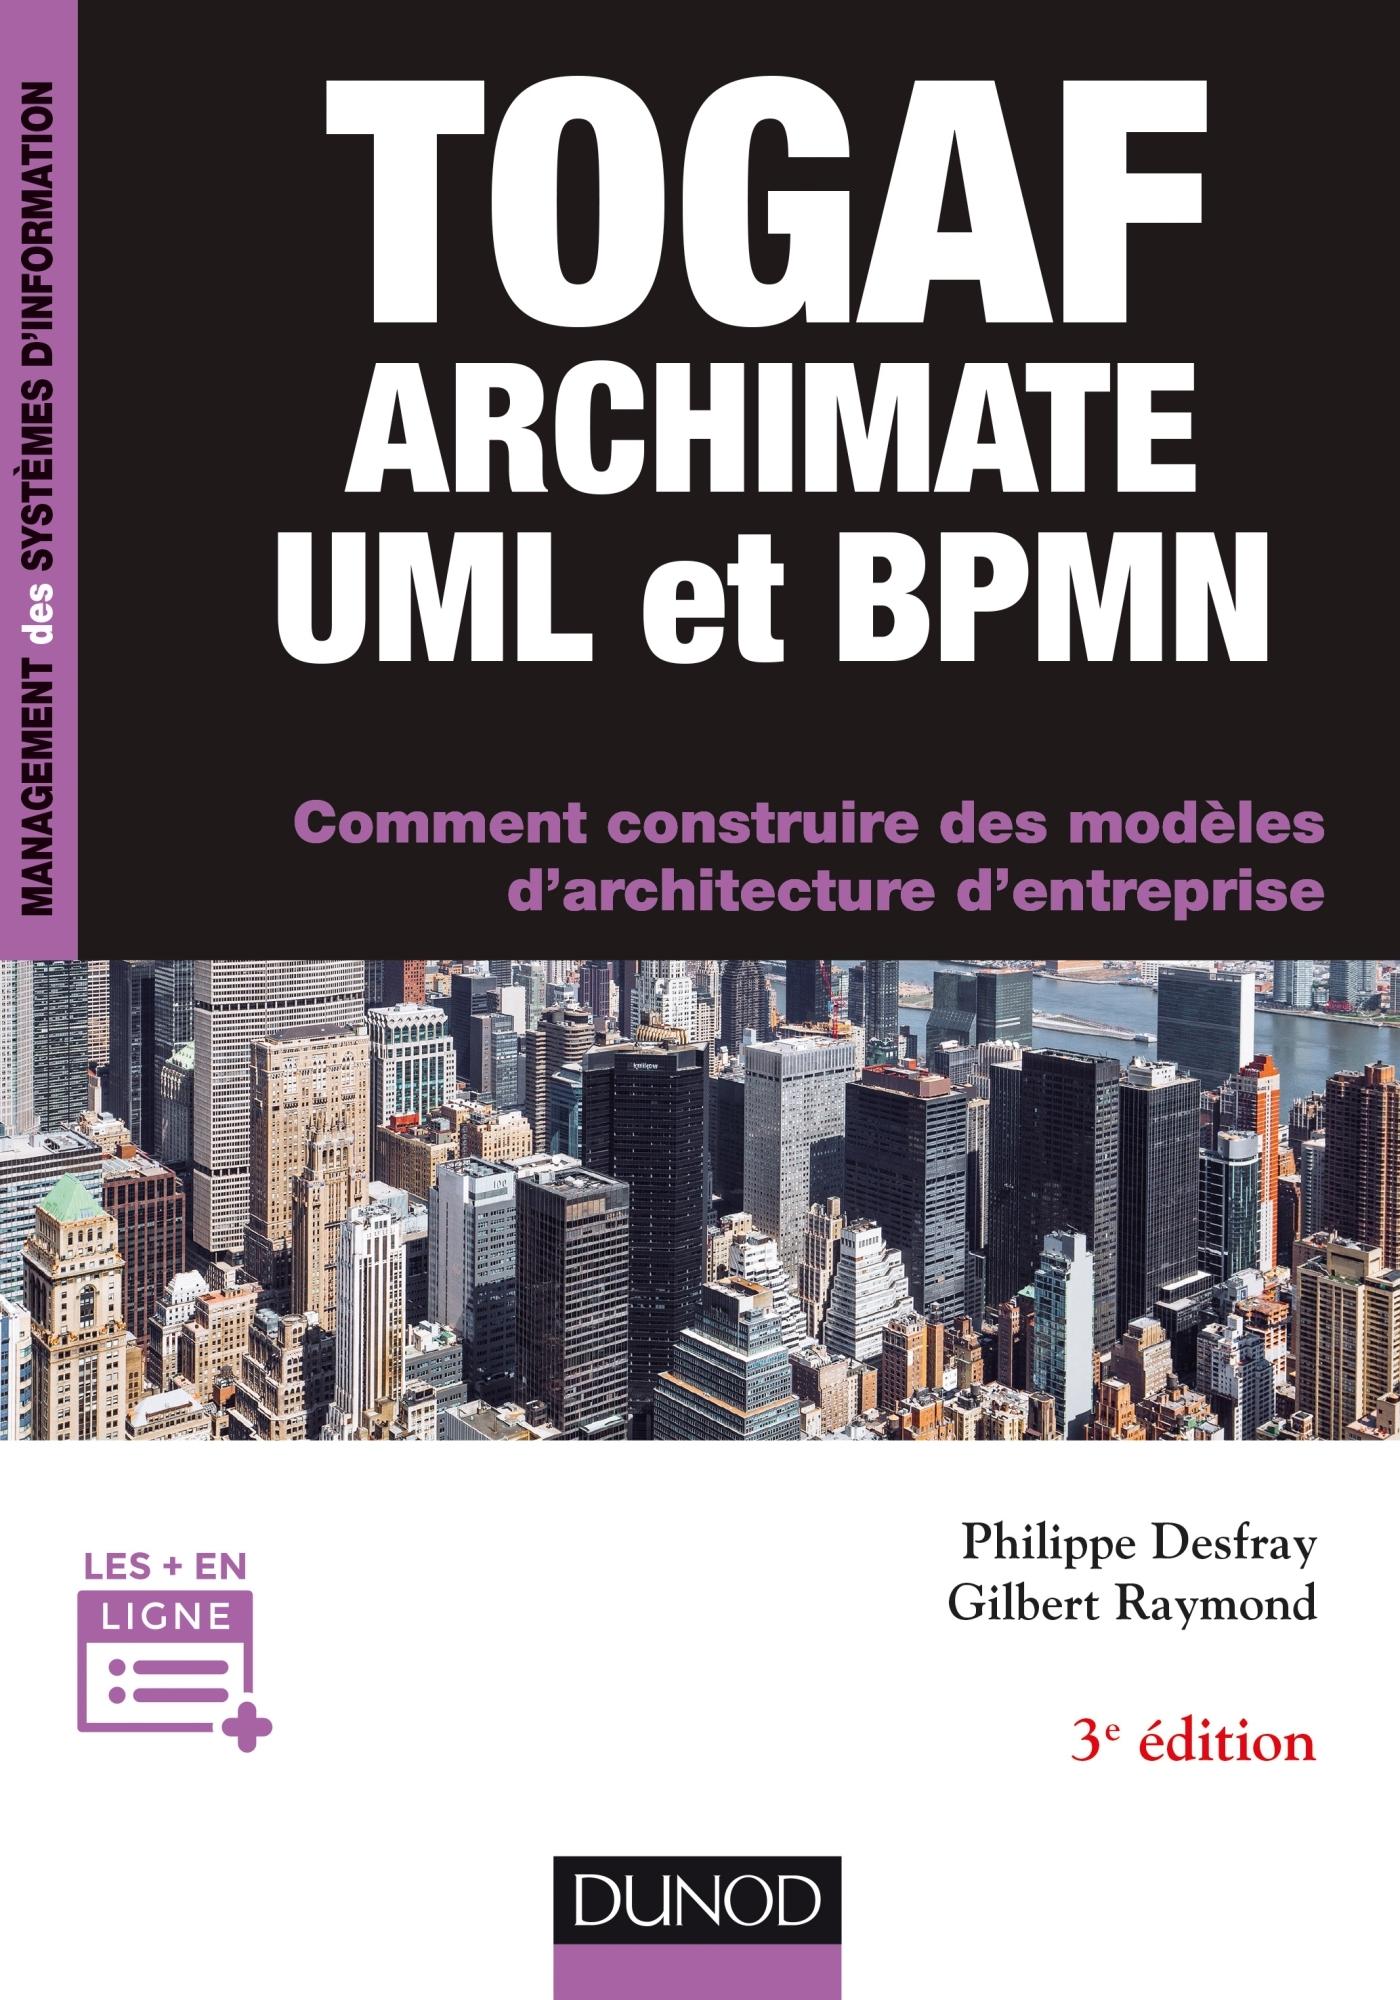 TOGAF, ARCHIMATE, UML ET BPMN - 3E ED.